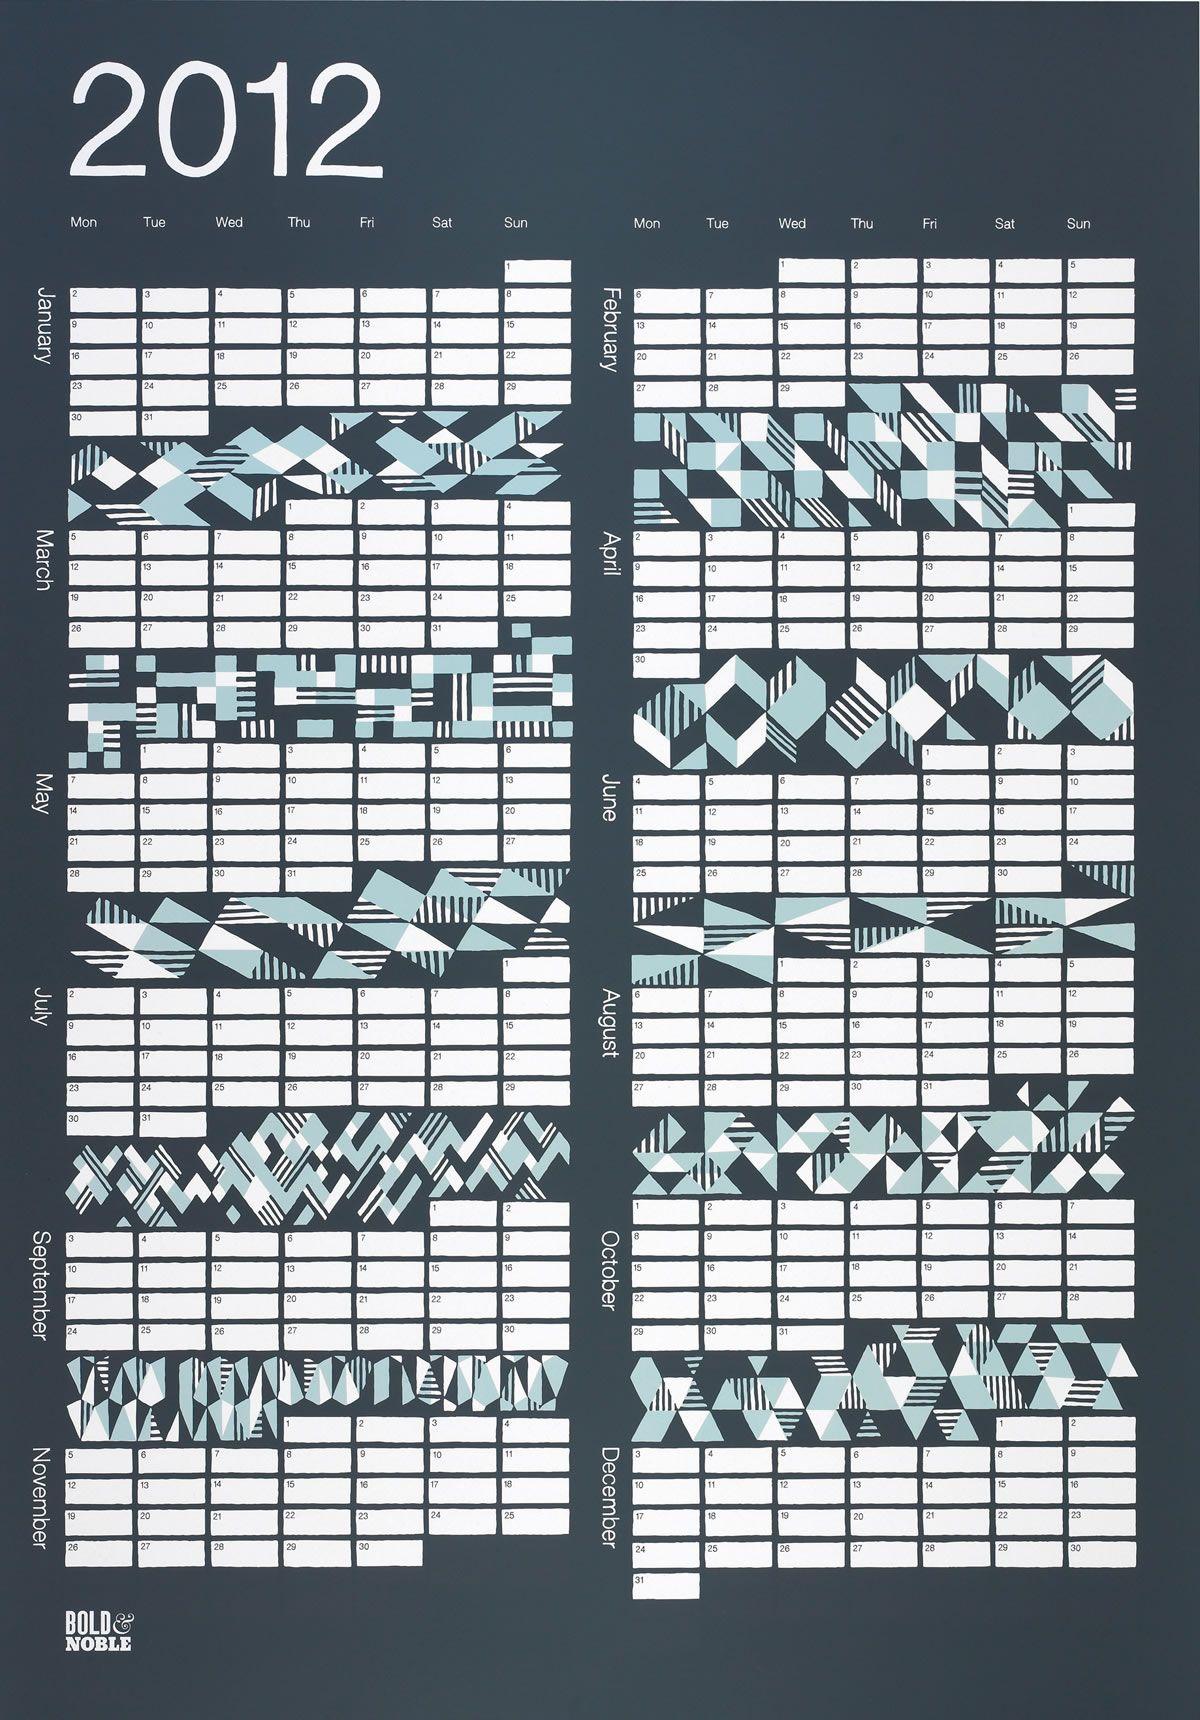 2012 Geometric Calendar.